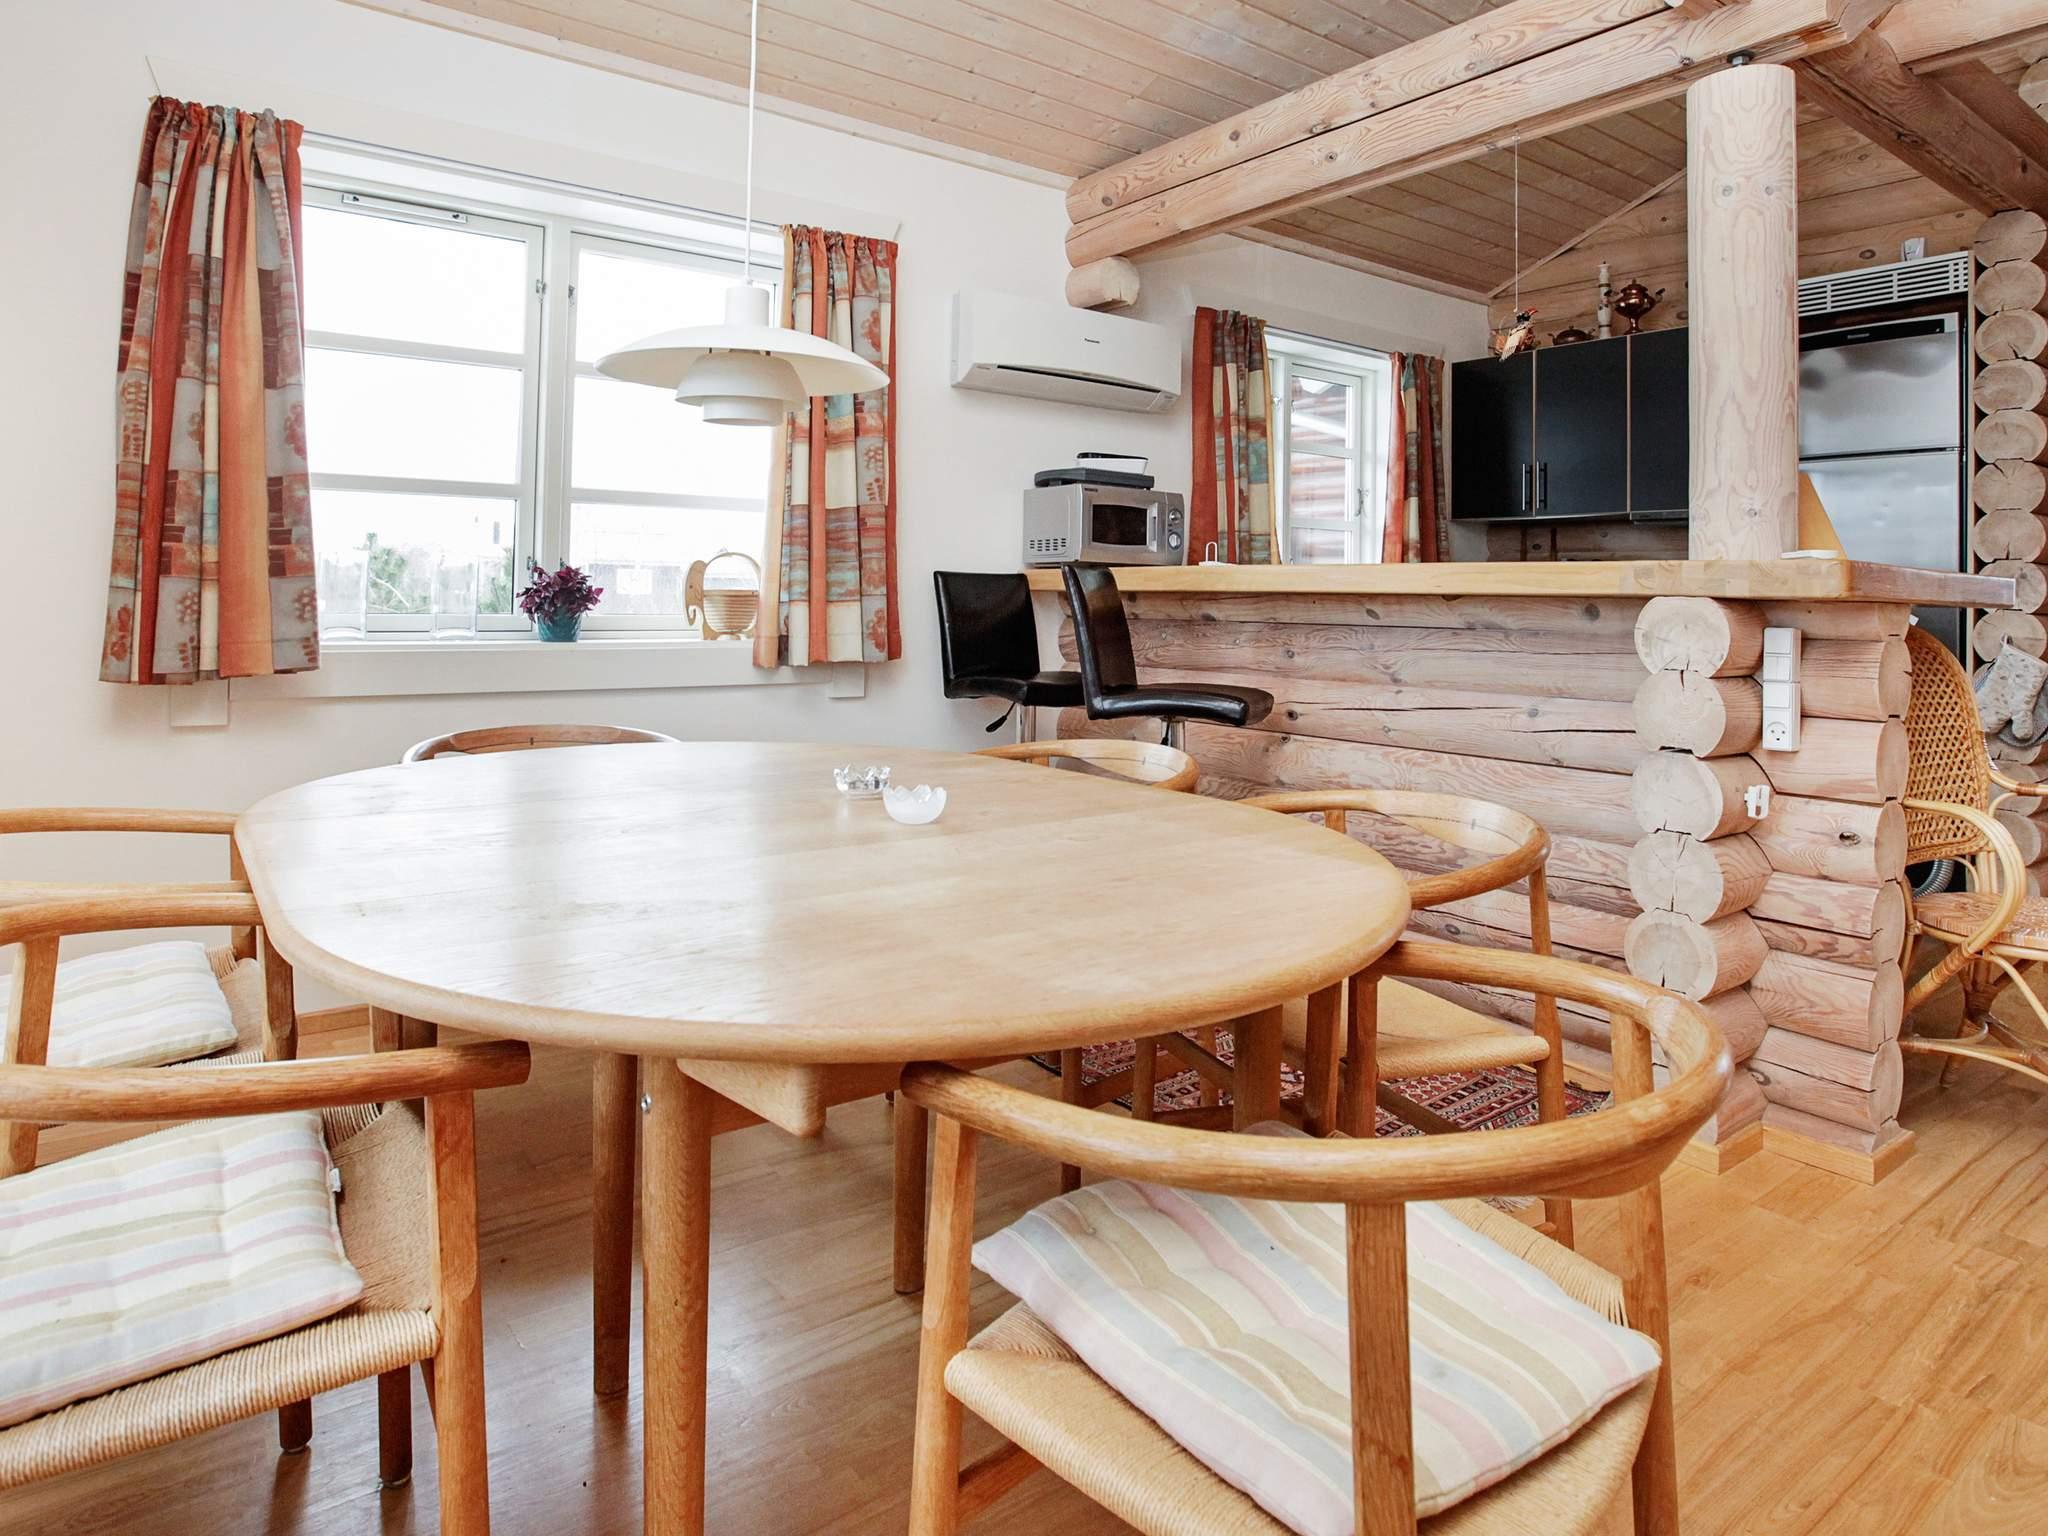 Ferienhaus Marielyst (344172), Marielyst, , Falster, Dänemark, Bild 5